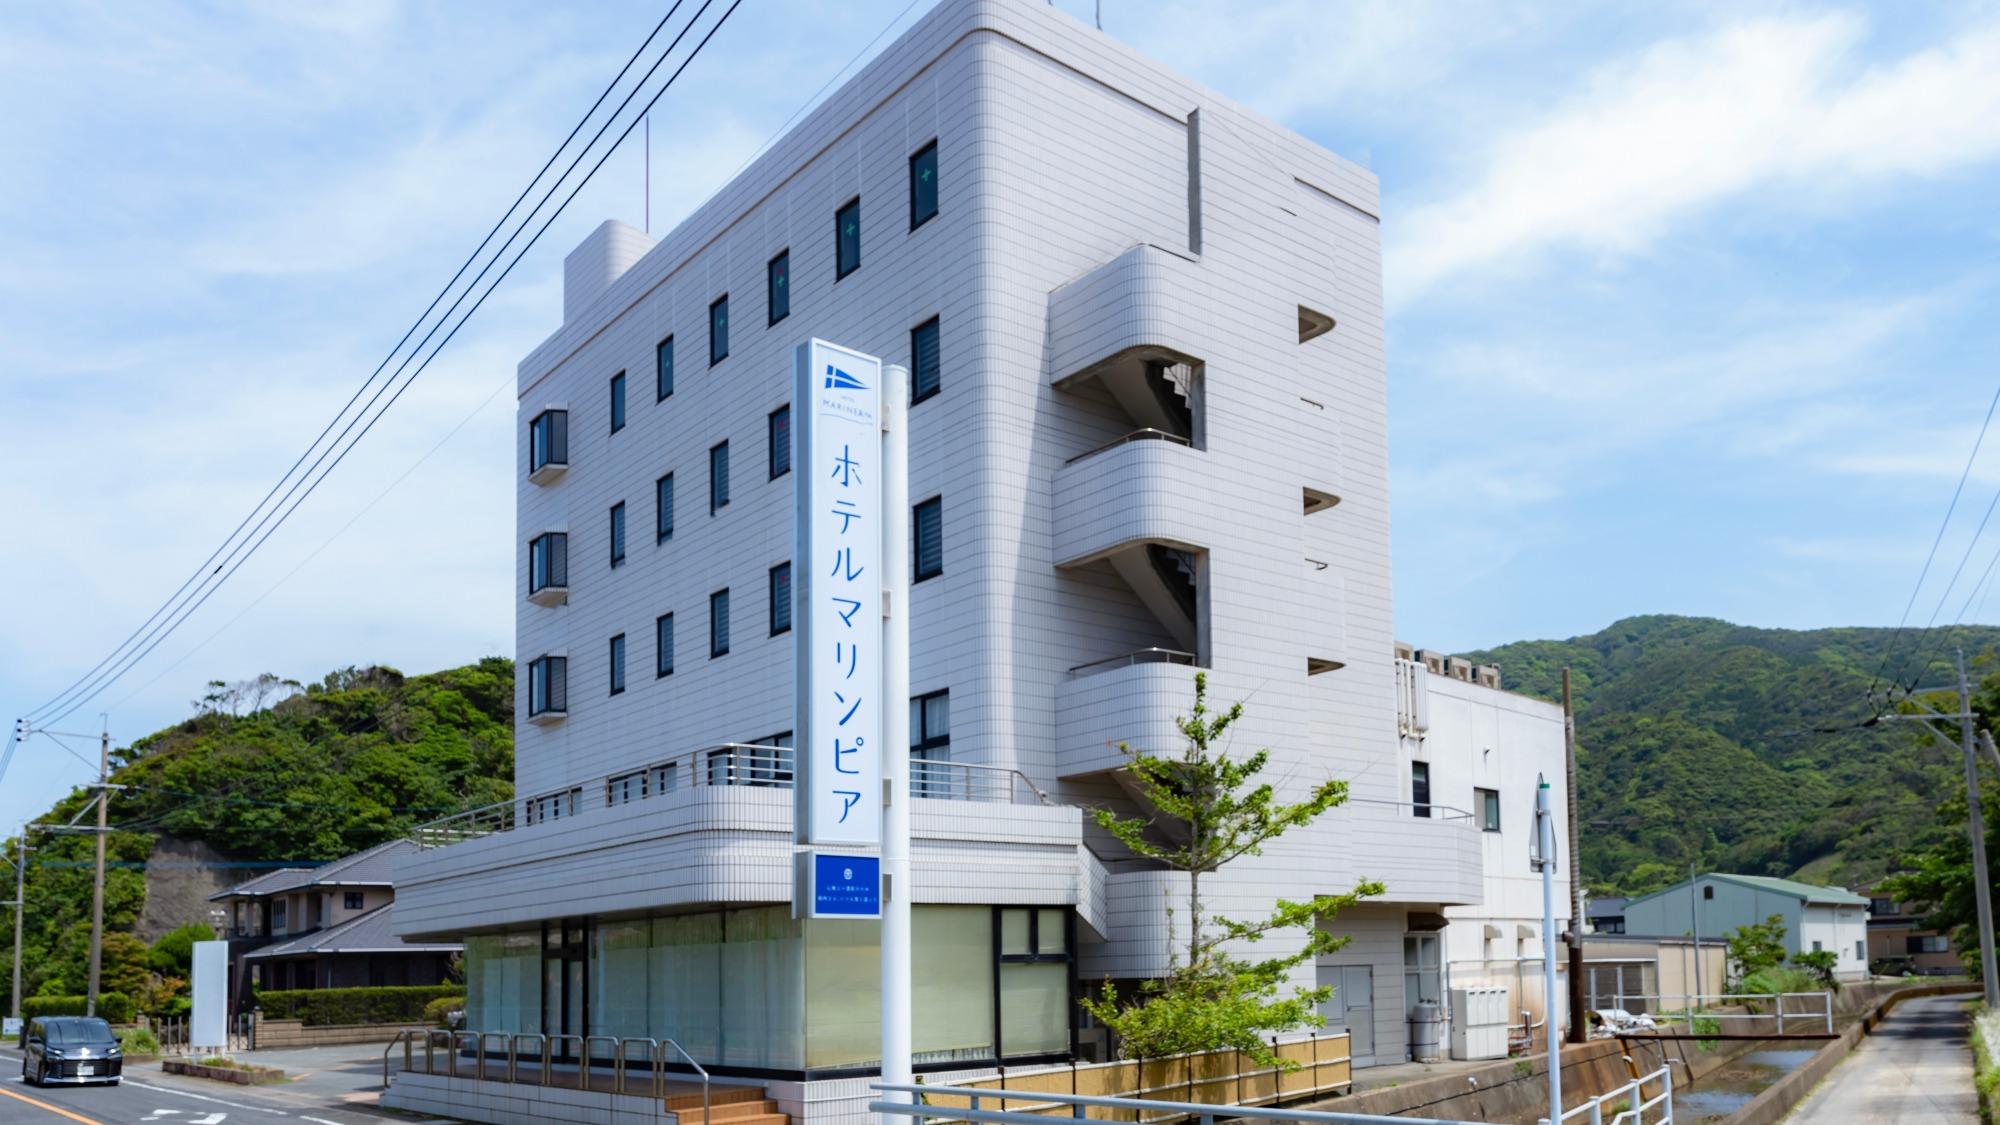 ホテル マリンピア◆楽天トラベル